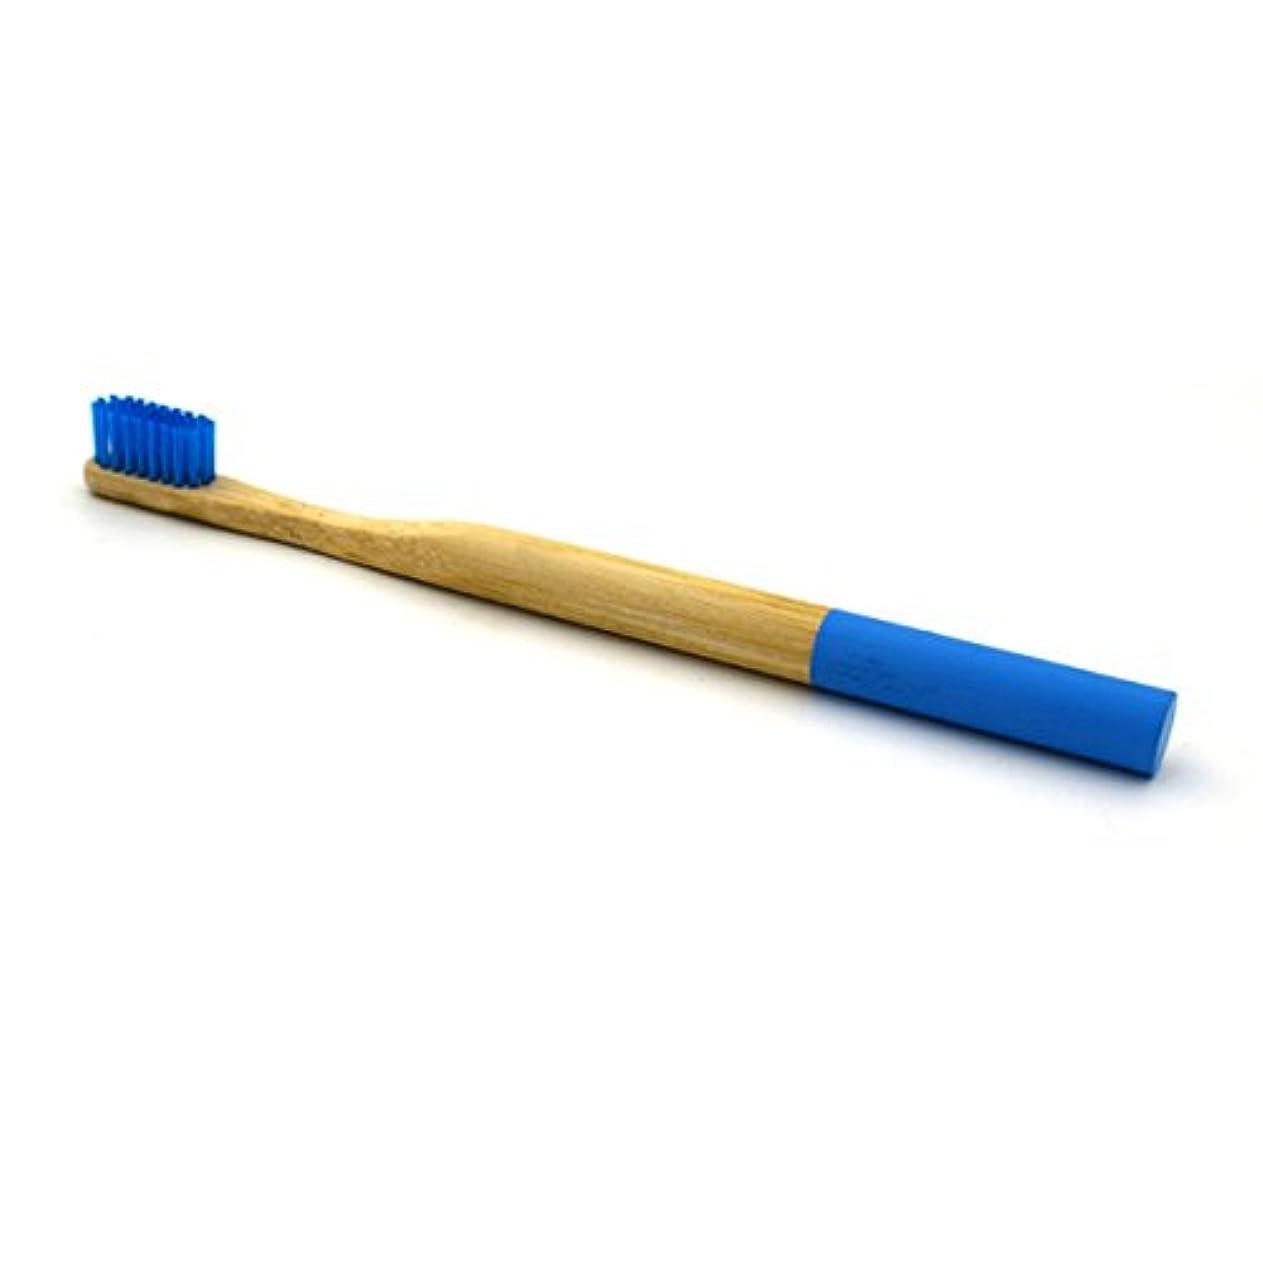 委託矢印信頼性のあるHEALLILY 円形のハンドルのEcoの友好的で柔らかい剛毛の歯ブラシが付いている2 PCS自然なタケ歯ブラシ